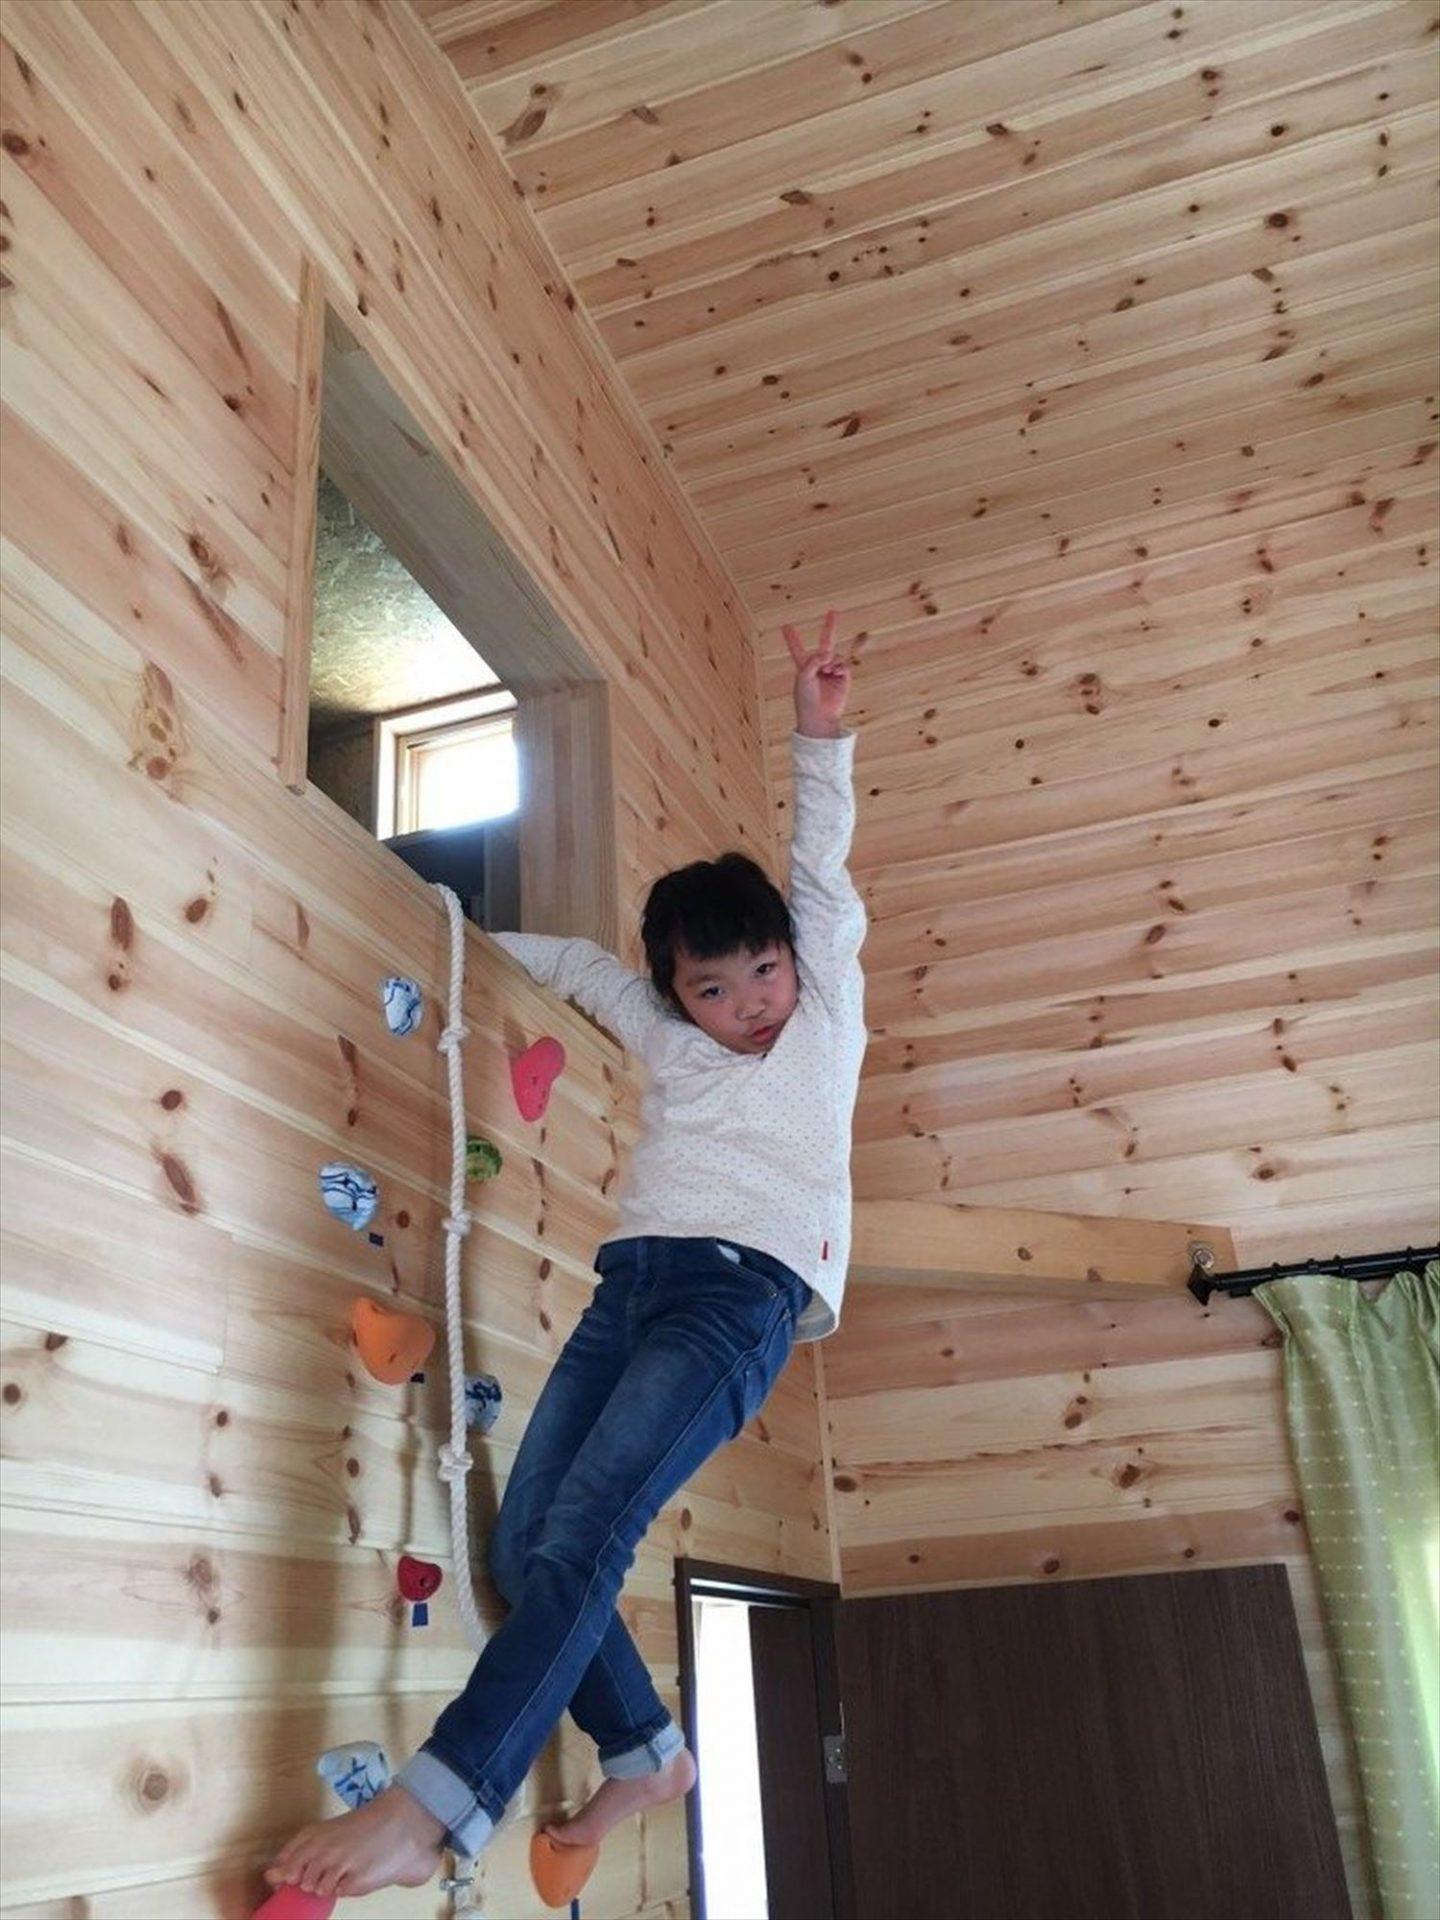 ボルダリングを楽しむ二階建てで遊ぶ子供|船橋市の注文住宅,ログハウスのような木の家を低価格で建てるならエイ・ワン